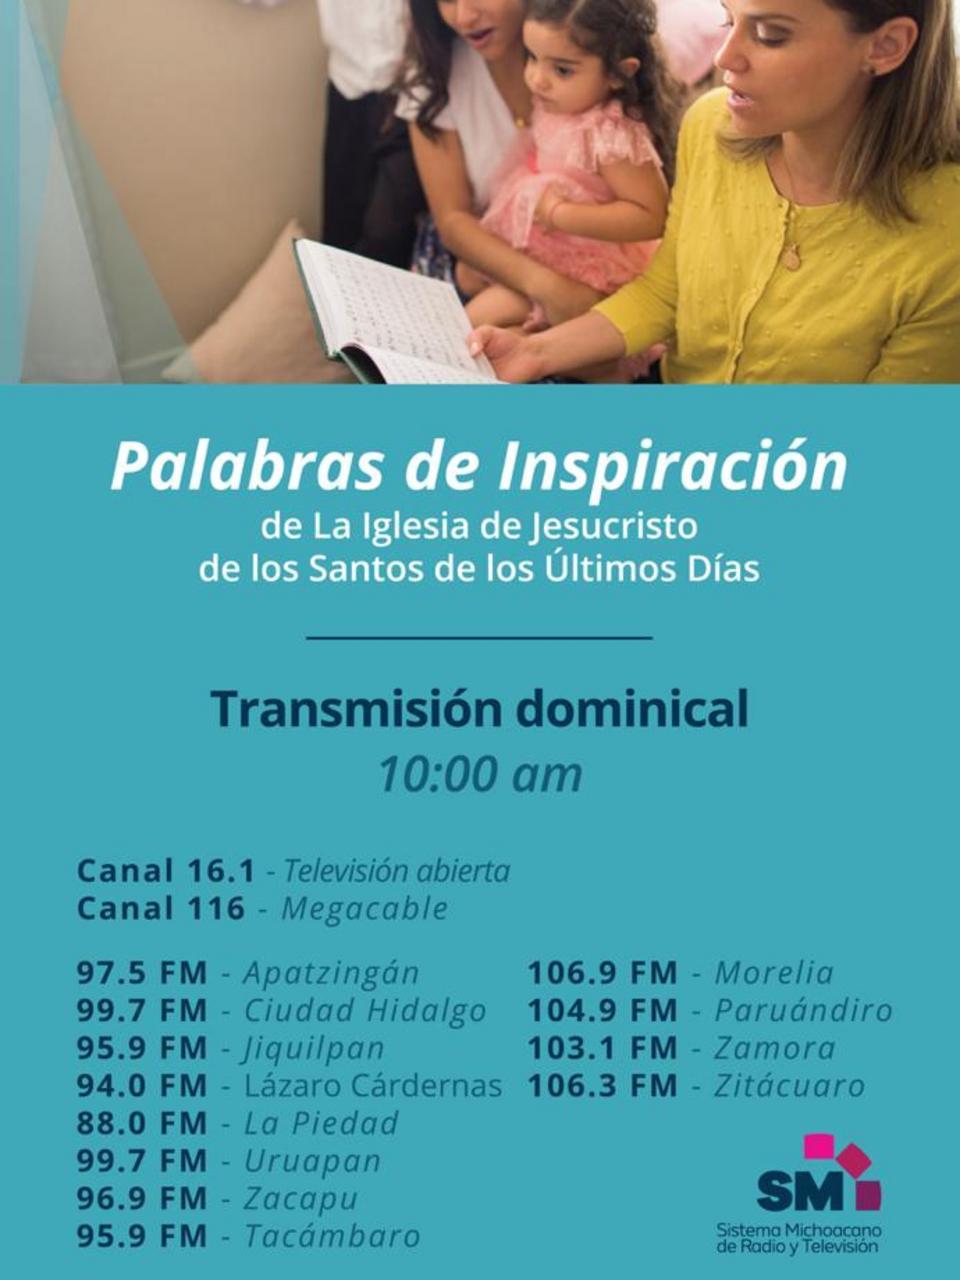 Palabras de Inspiración por radio y tv en México